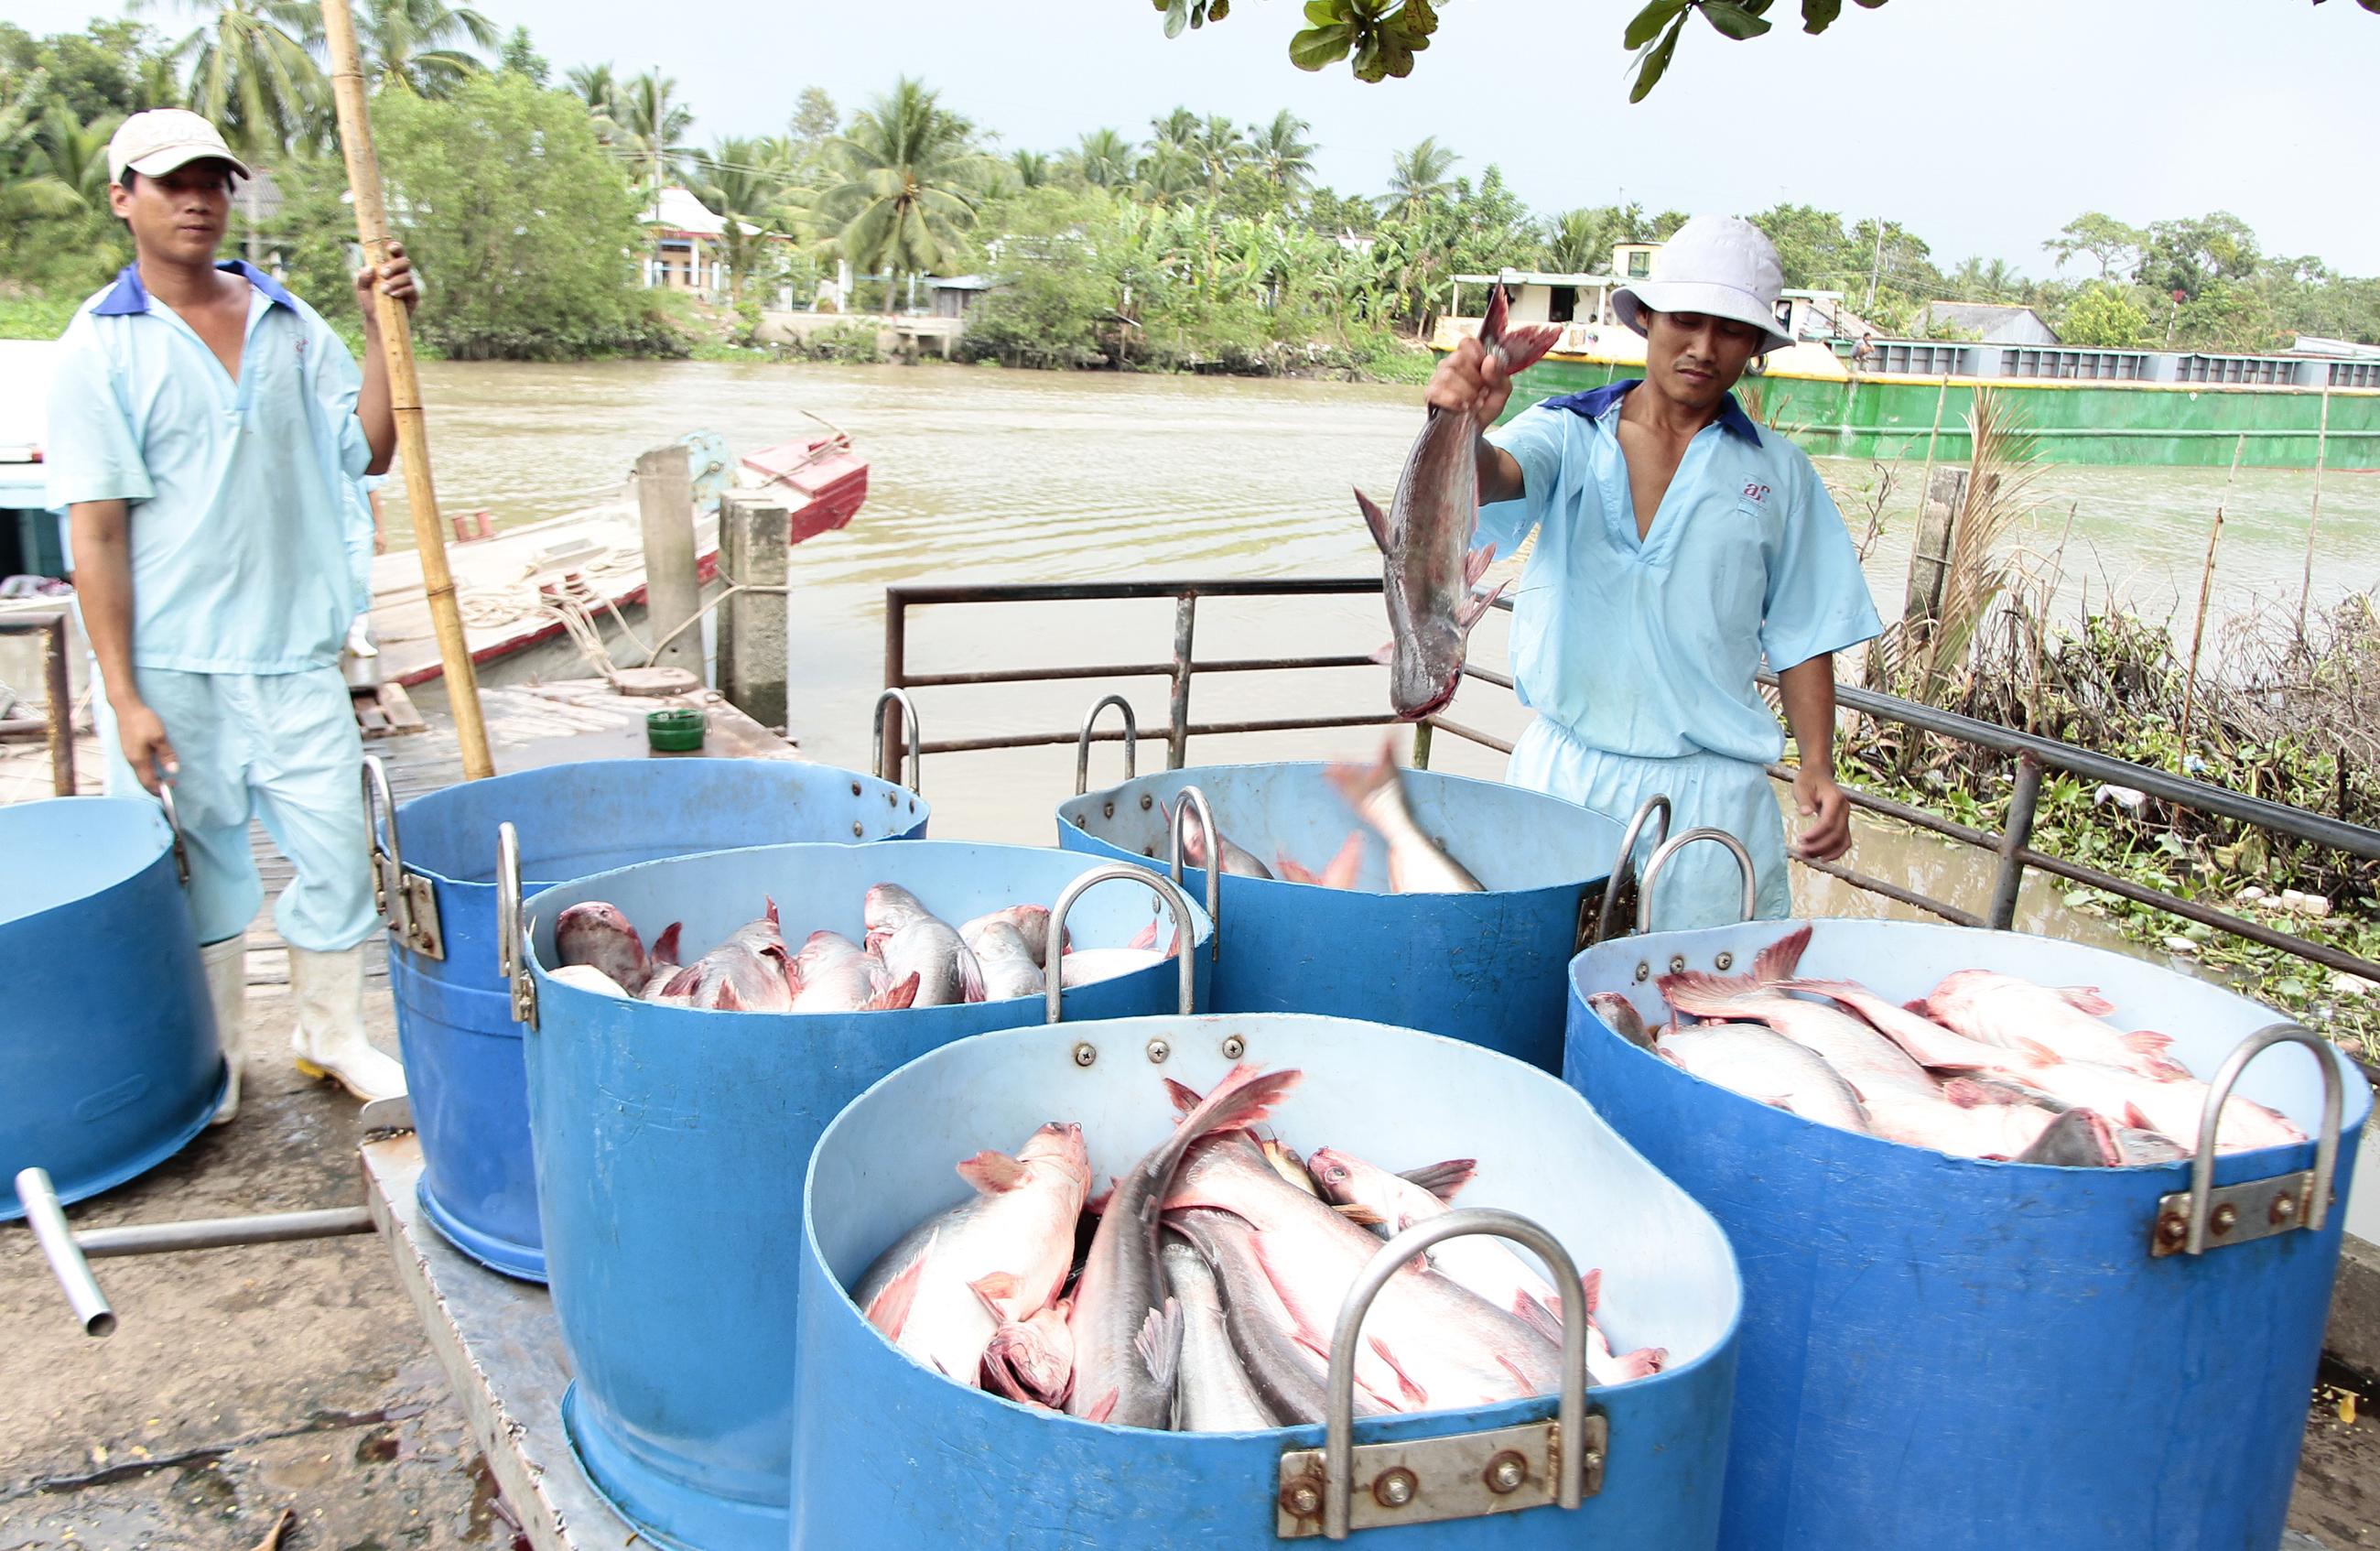 Tăng thuế đột biến, cá tra nguy cơ mất thị trường Mỹ - Ảnh 1.